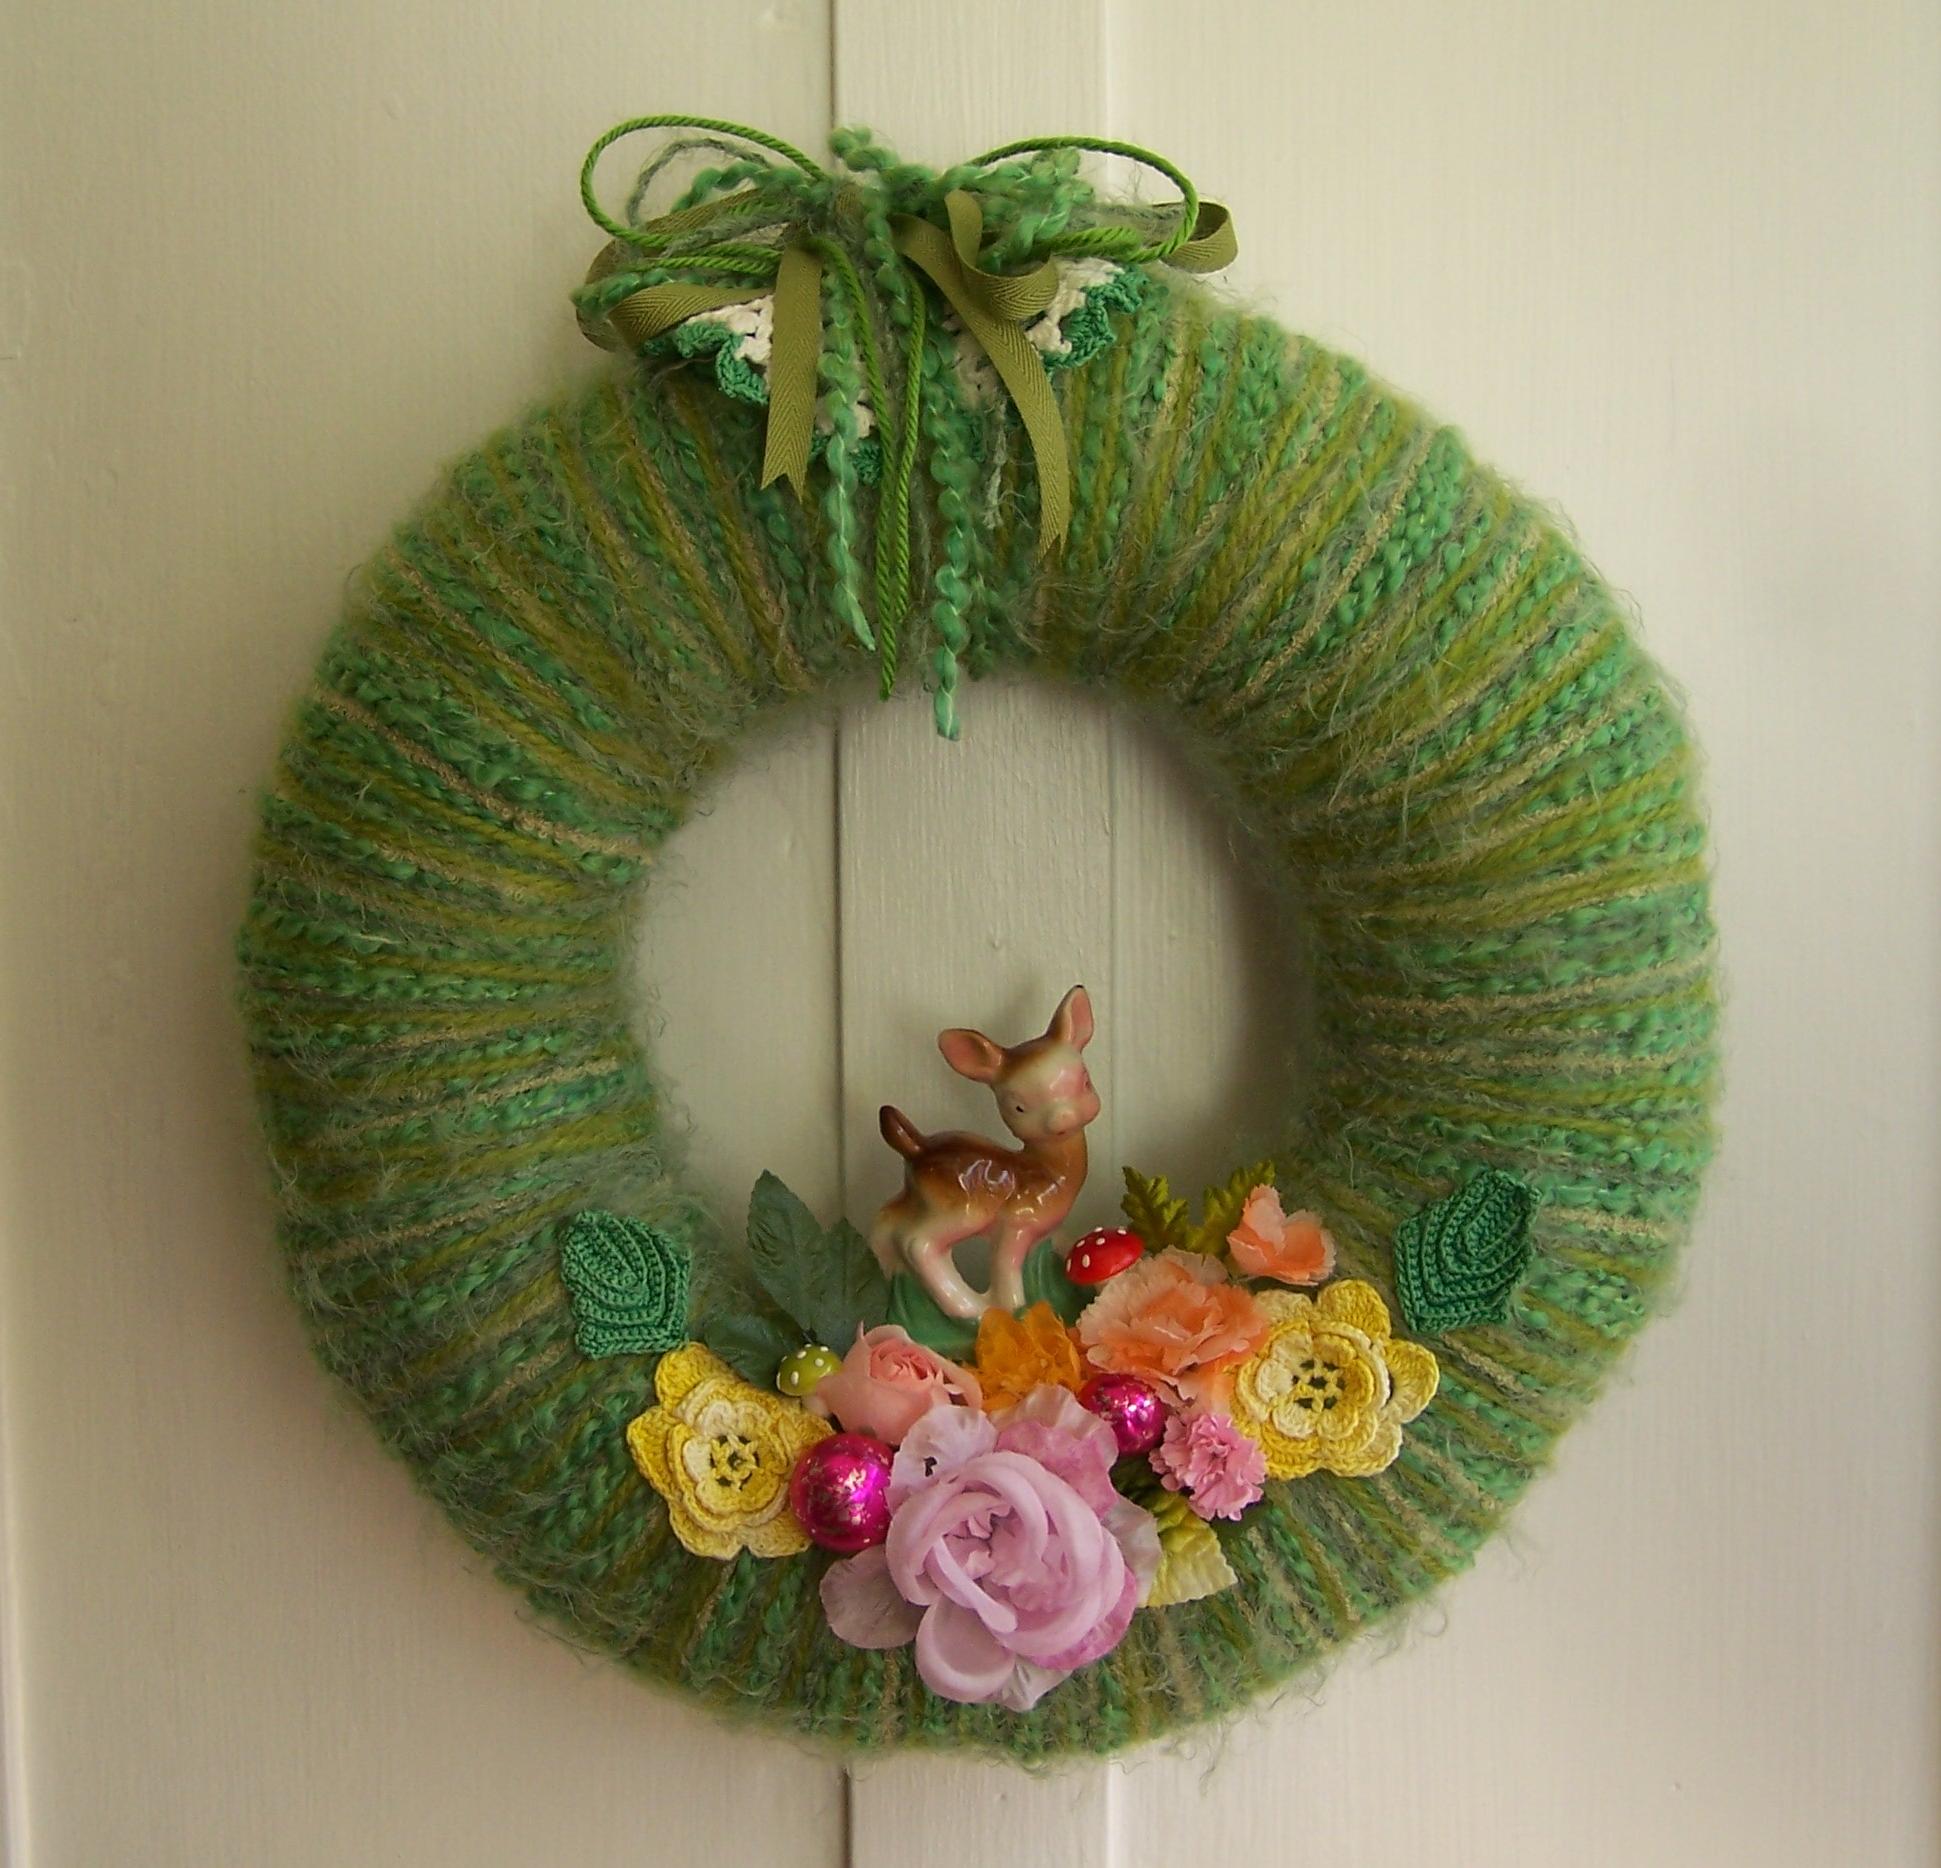 A Dear Yarn Wreath